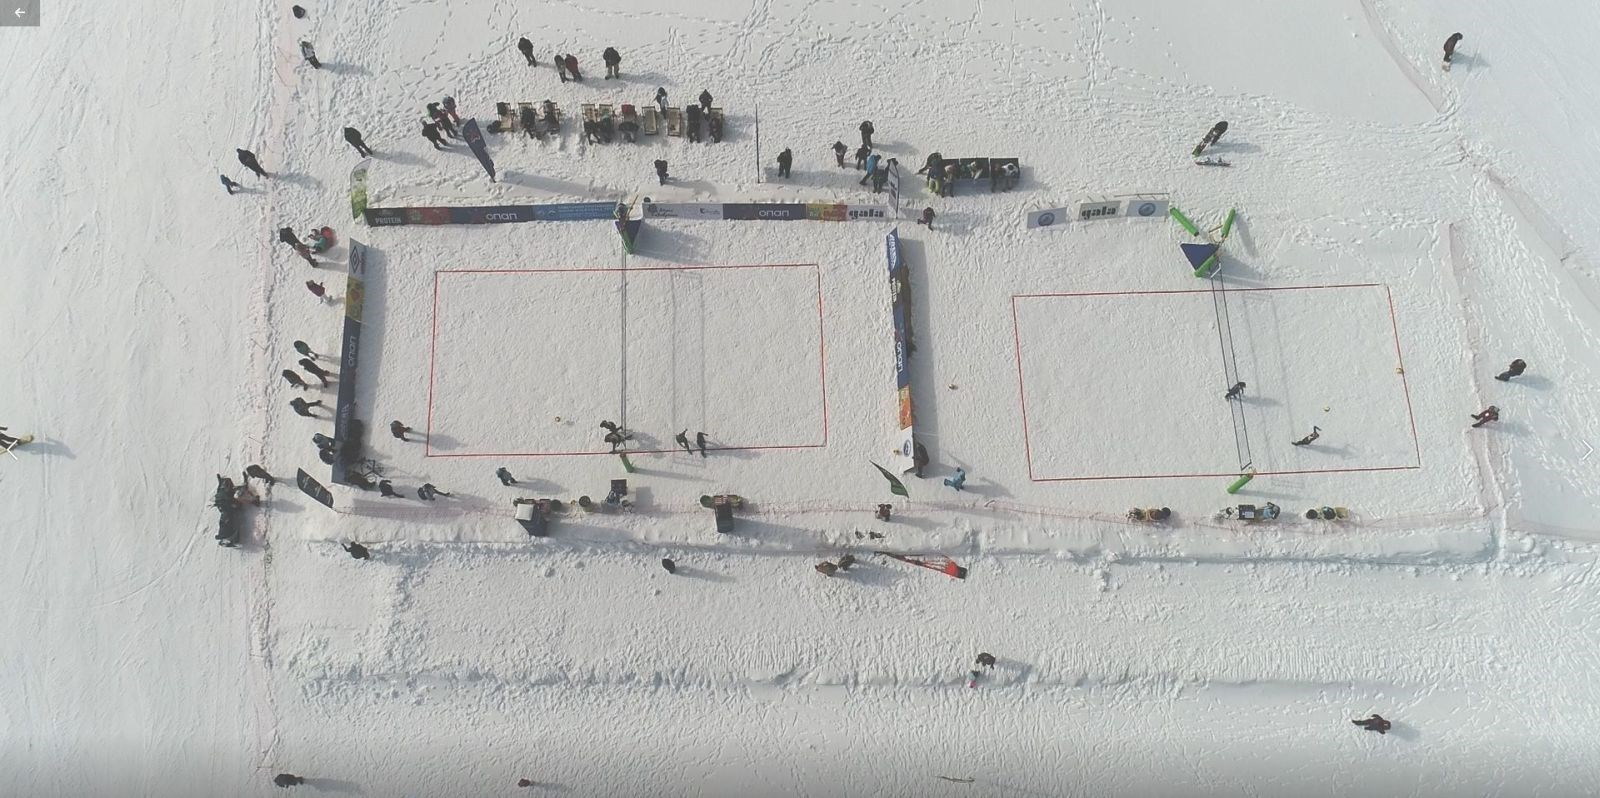 2ου Πανελληνίου Πρωταθλήματος Snow Volley 2019